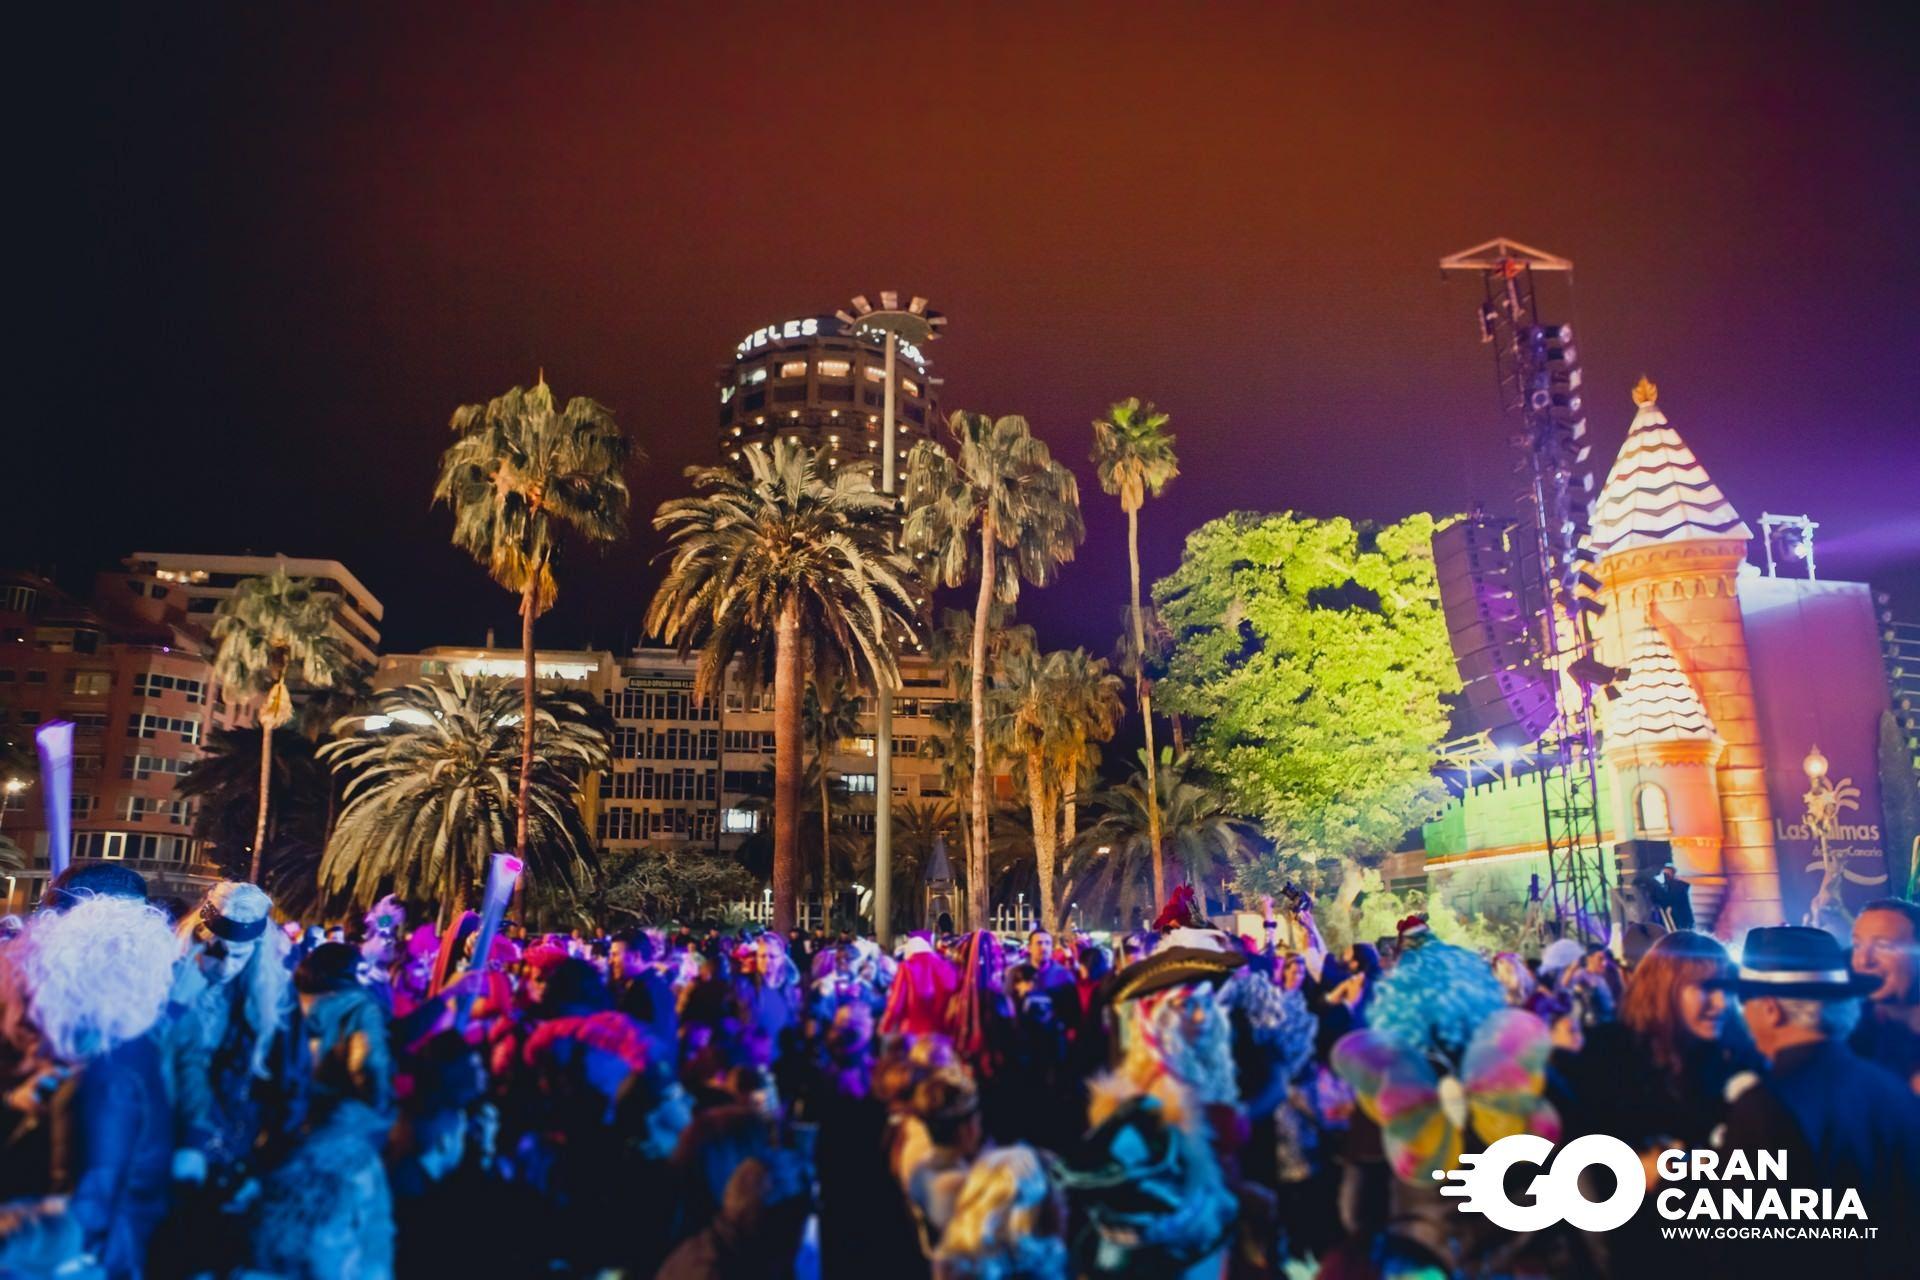 Eventi e feste a gran canaria programma eventi 2018 for Capodanno alle canarie